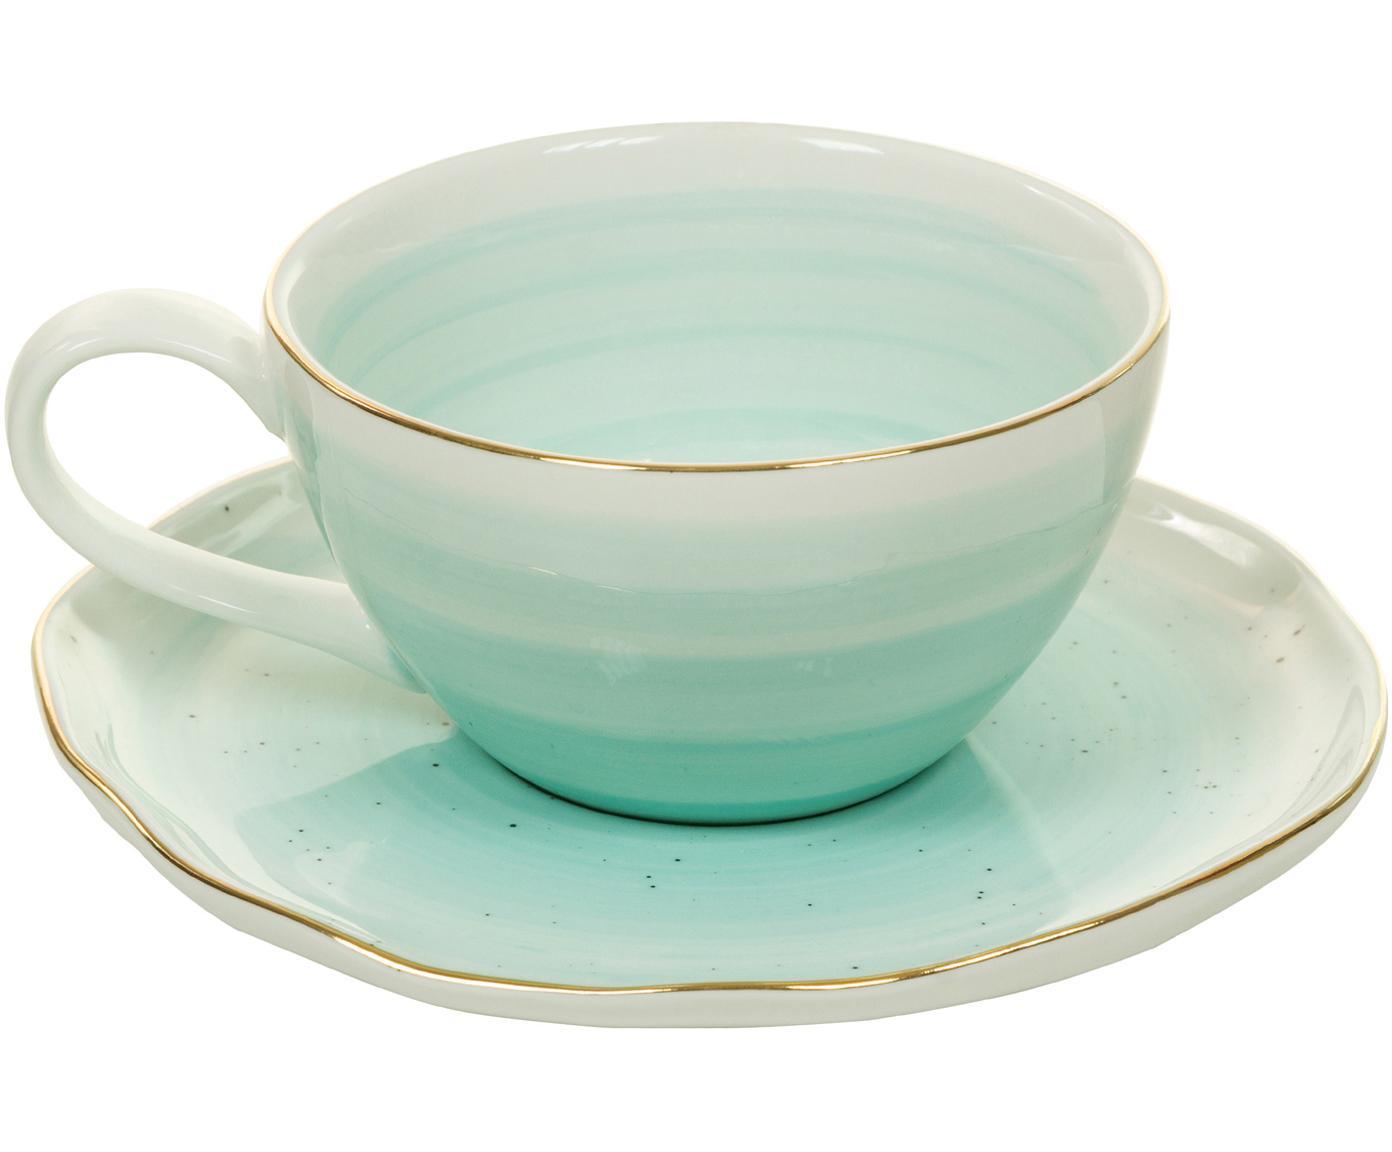 Komplet ręcznie wykonanych  filiżanek  Bol, 4 elem., Porcelana, Turkusowoniebieski, Ø 10 x W 6 cm